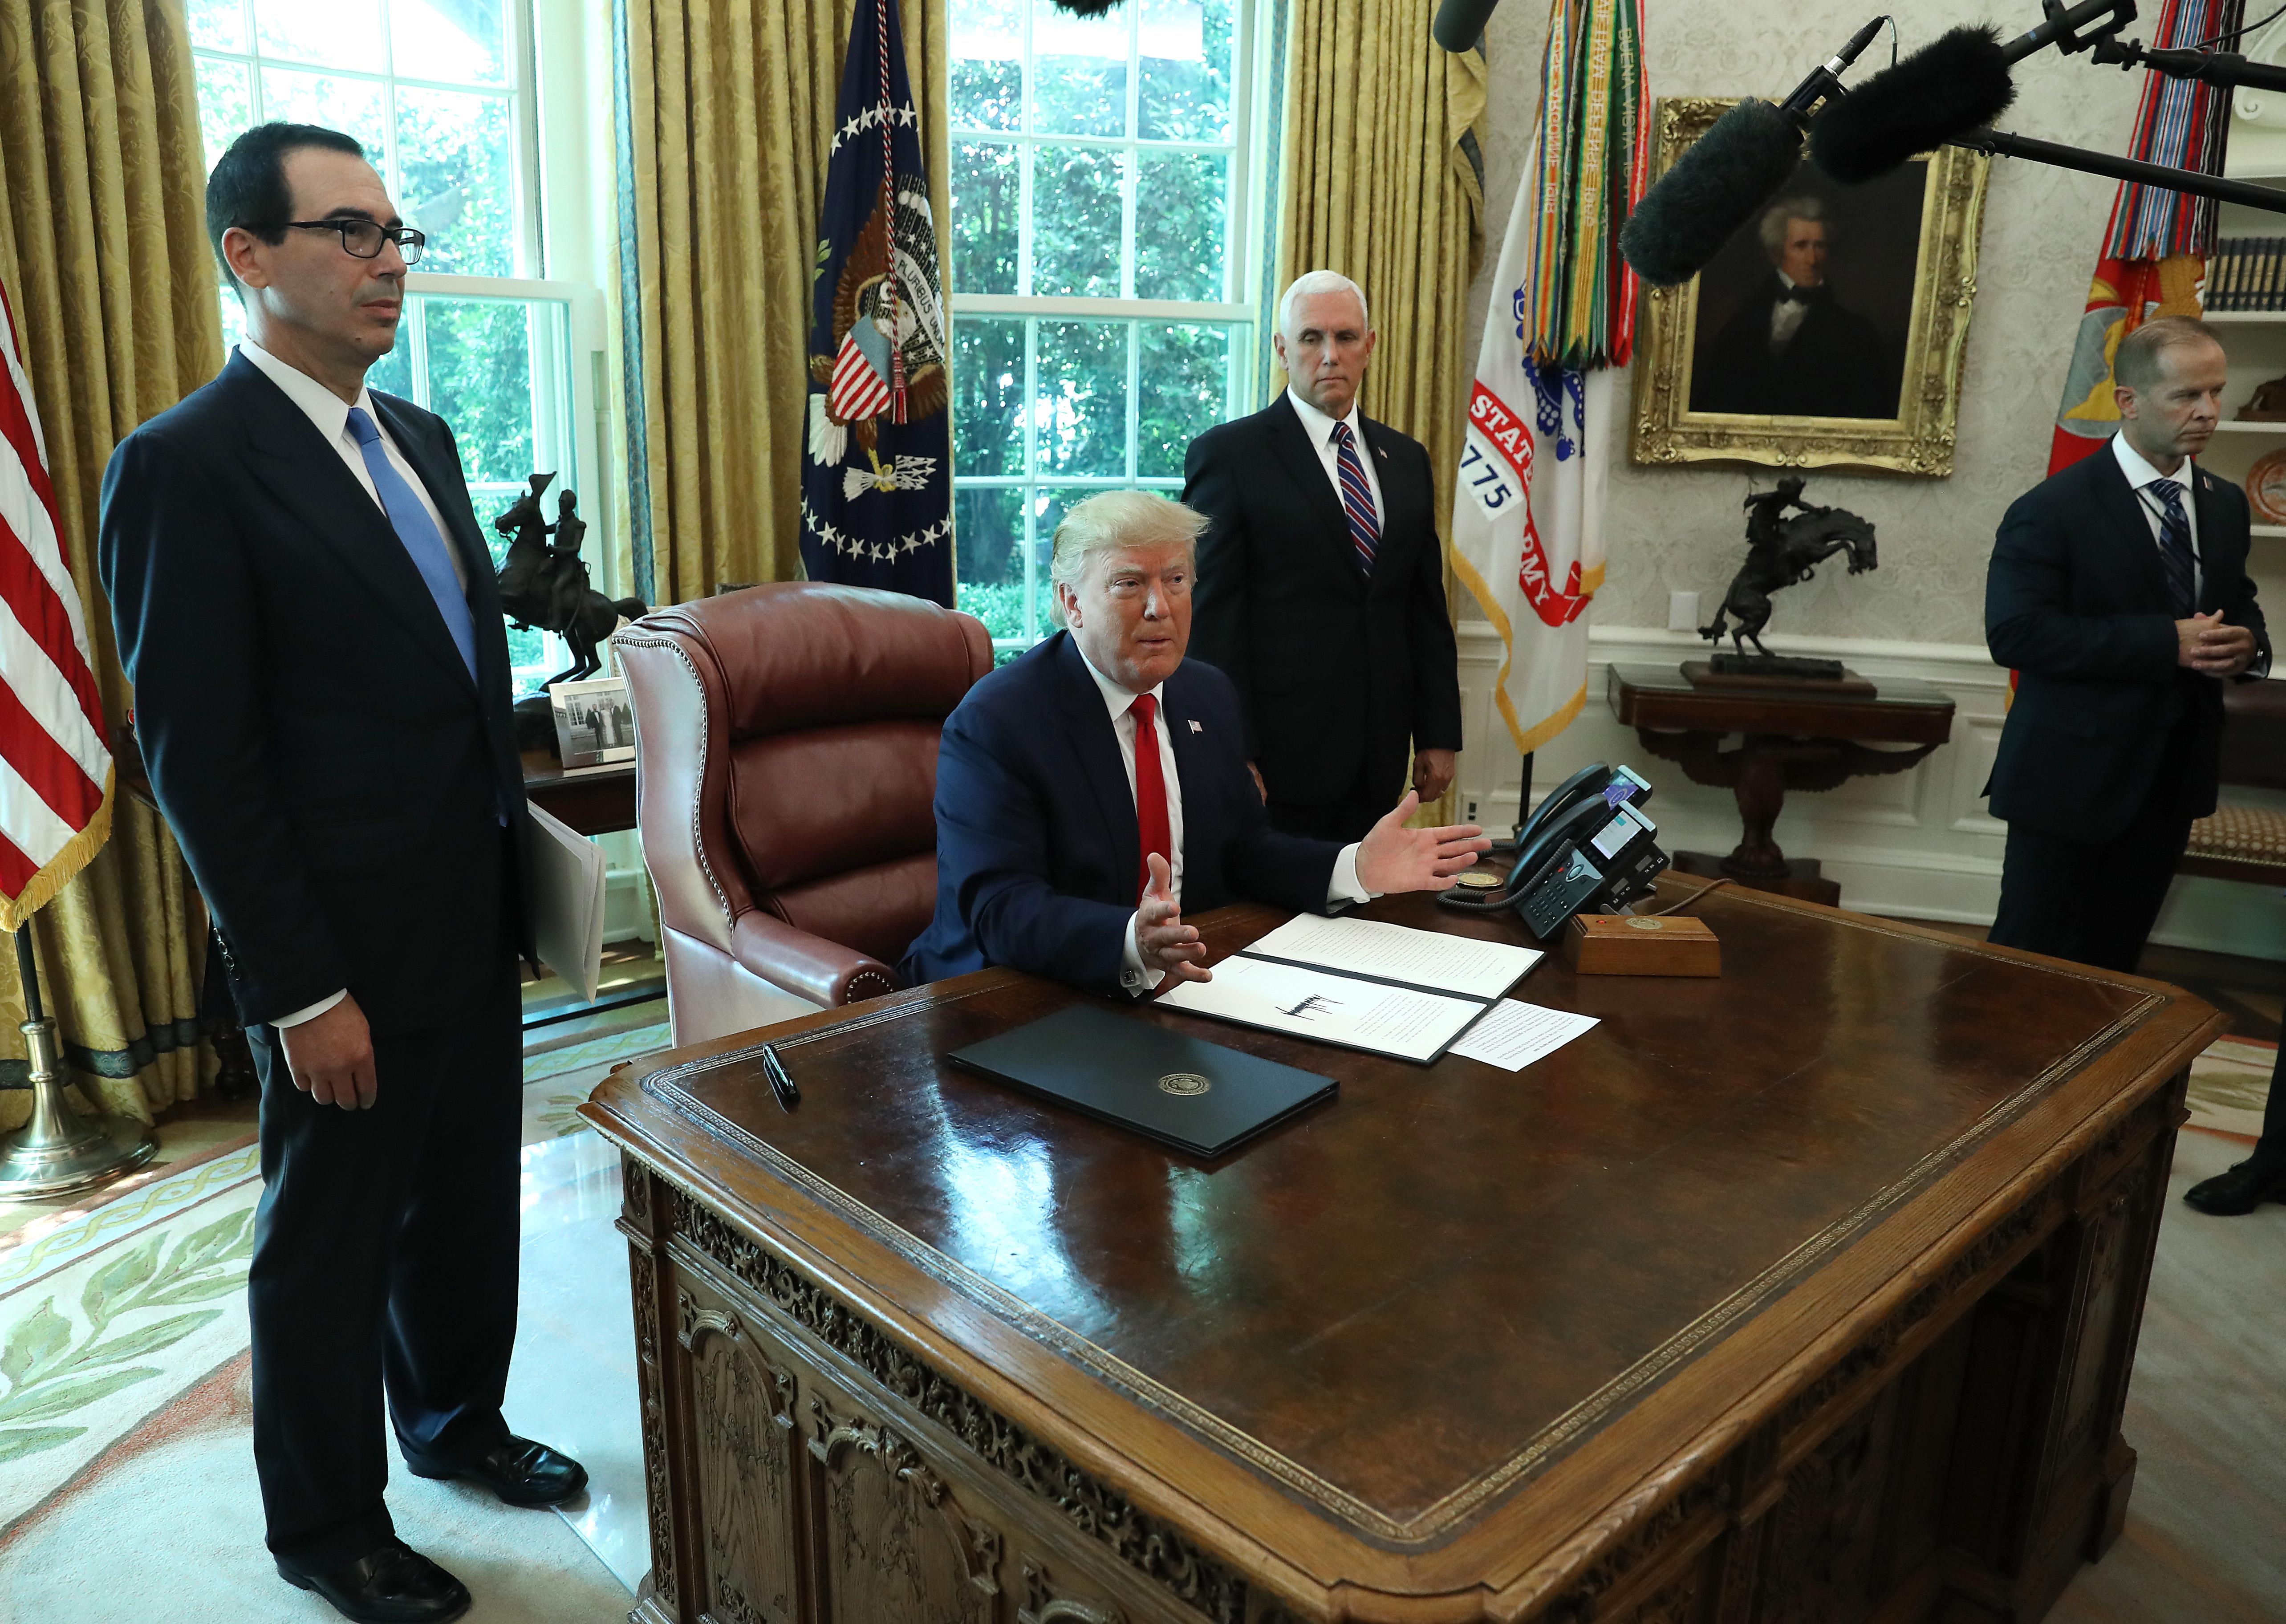 On Iran, Kushner Plan, Trump Throws Israel A Curve | Jewish Week